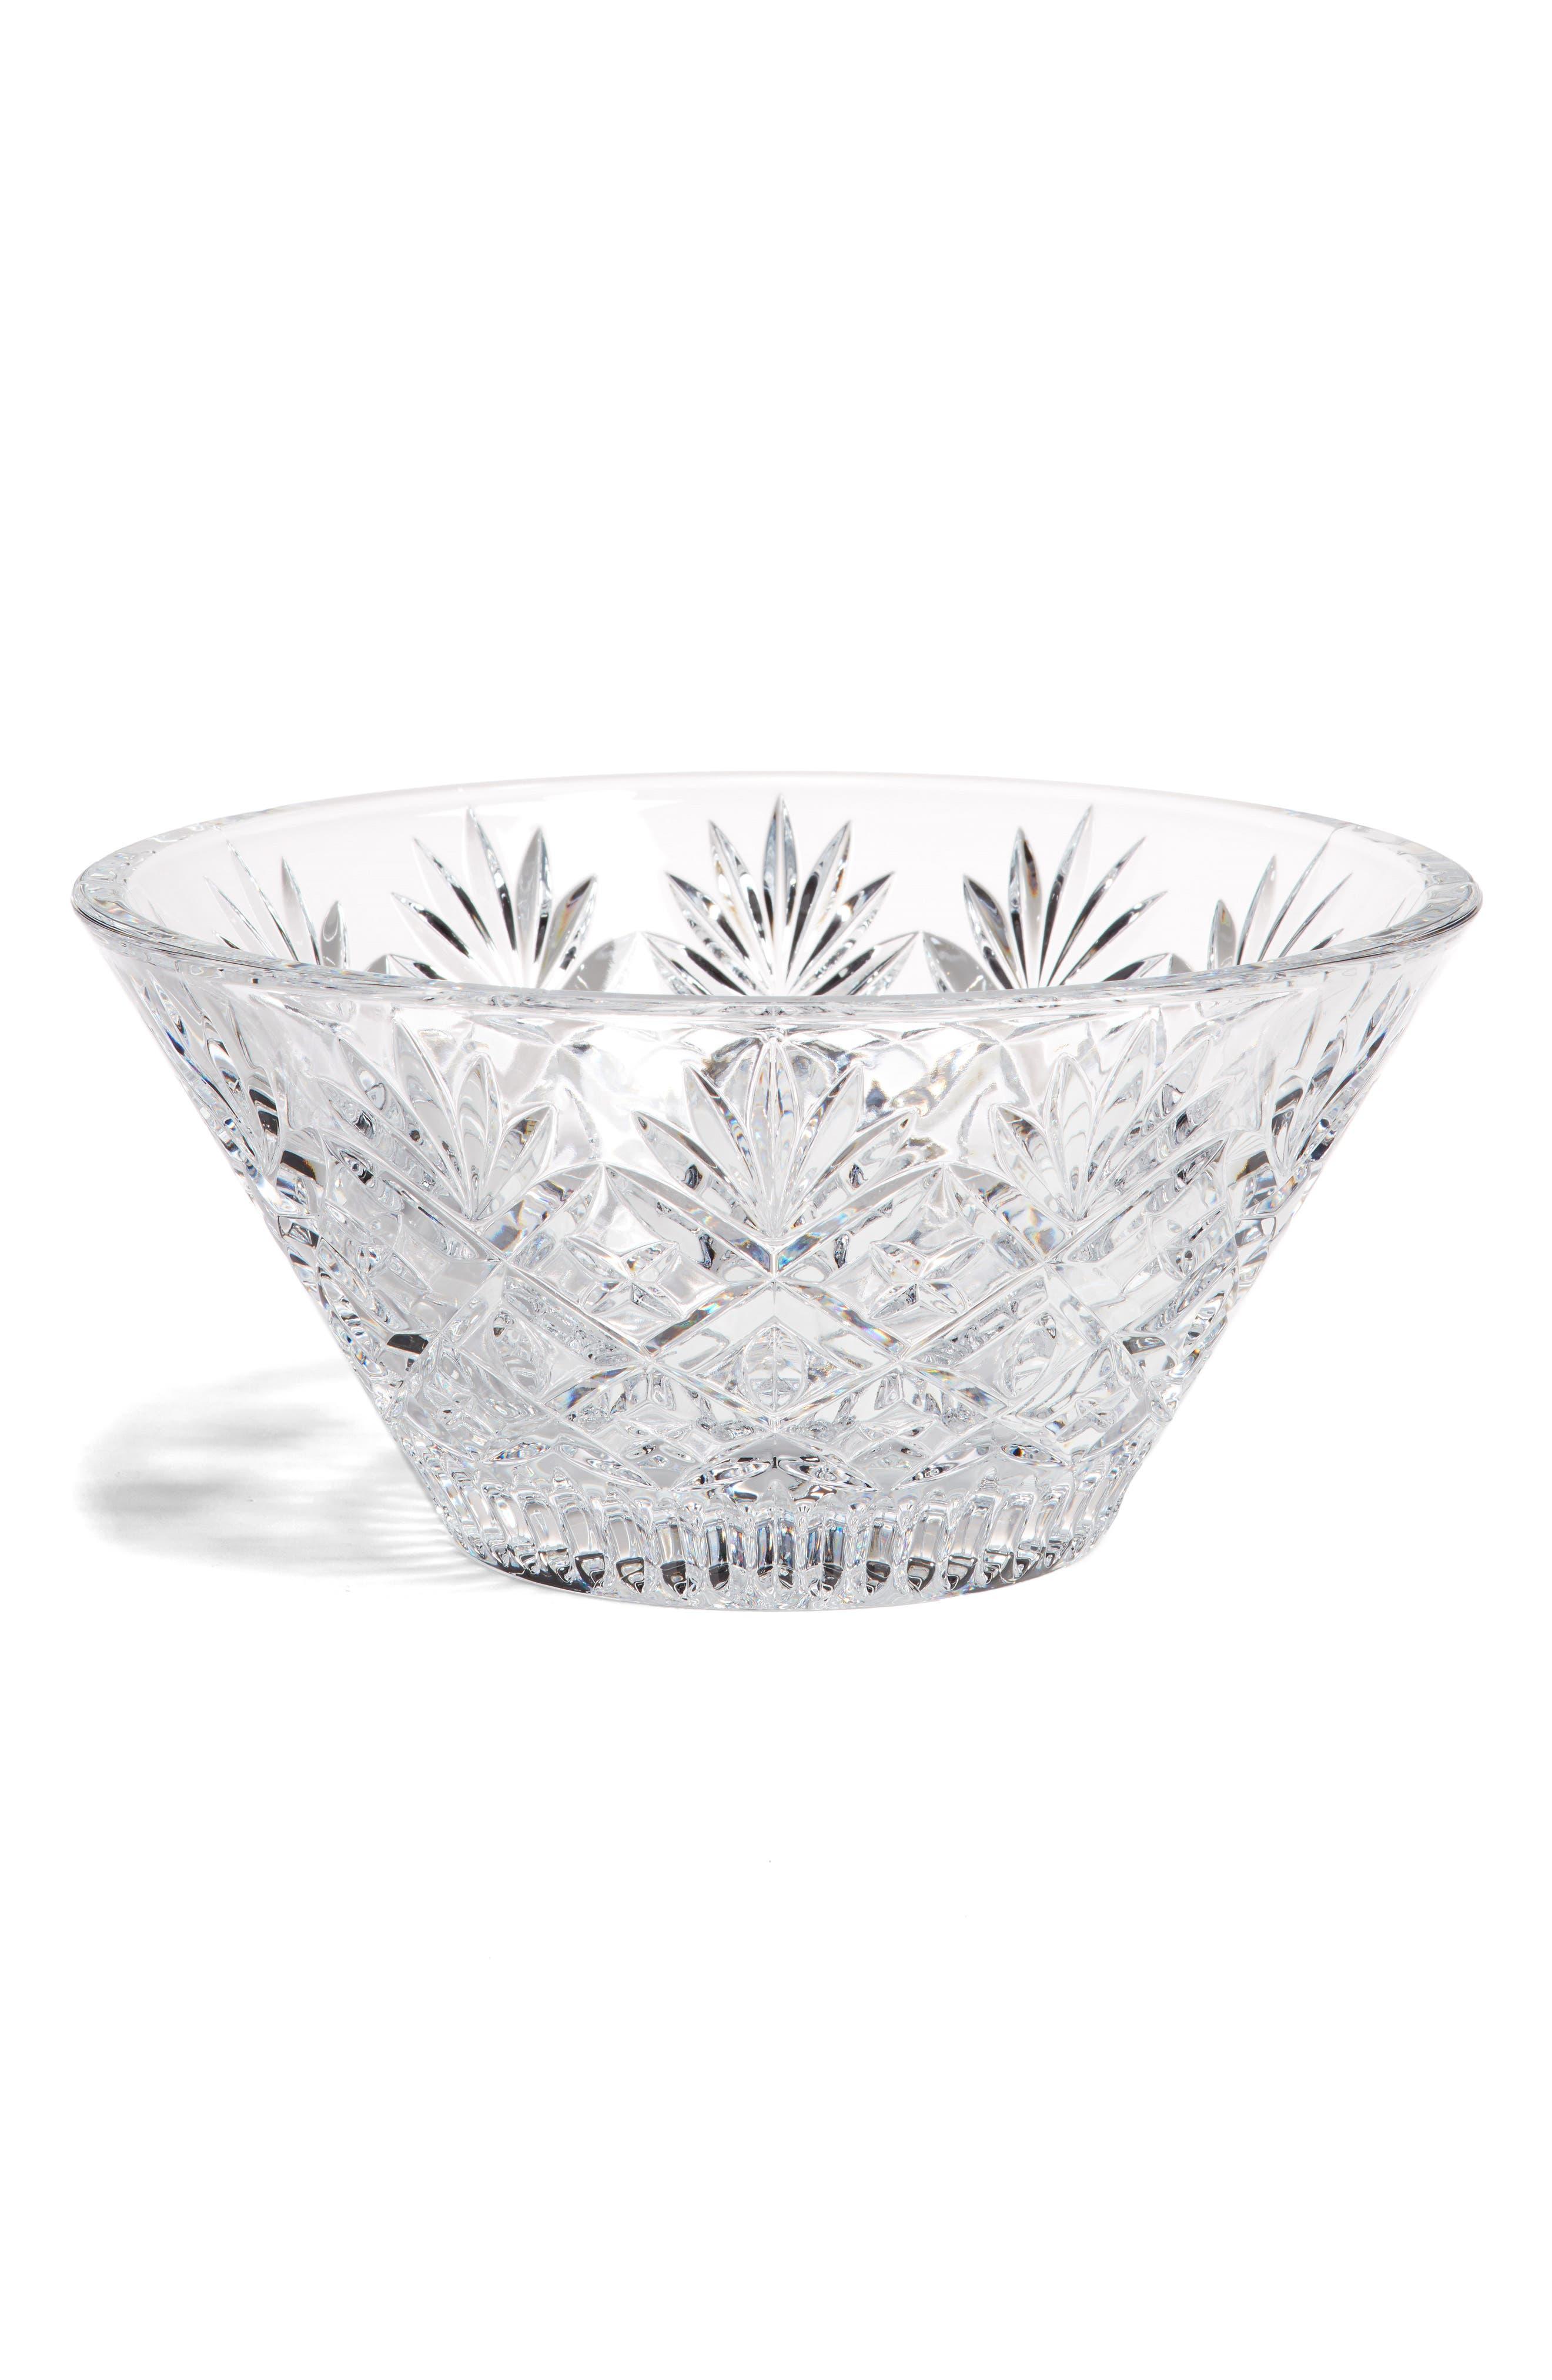 Alternate Image 1 Selected - Waterford Northbridge Lead Crystal Bowl